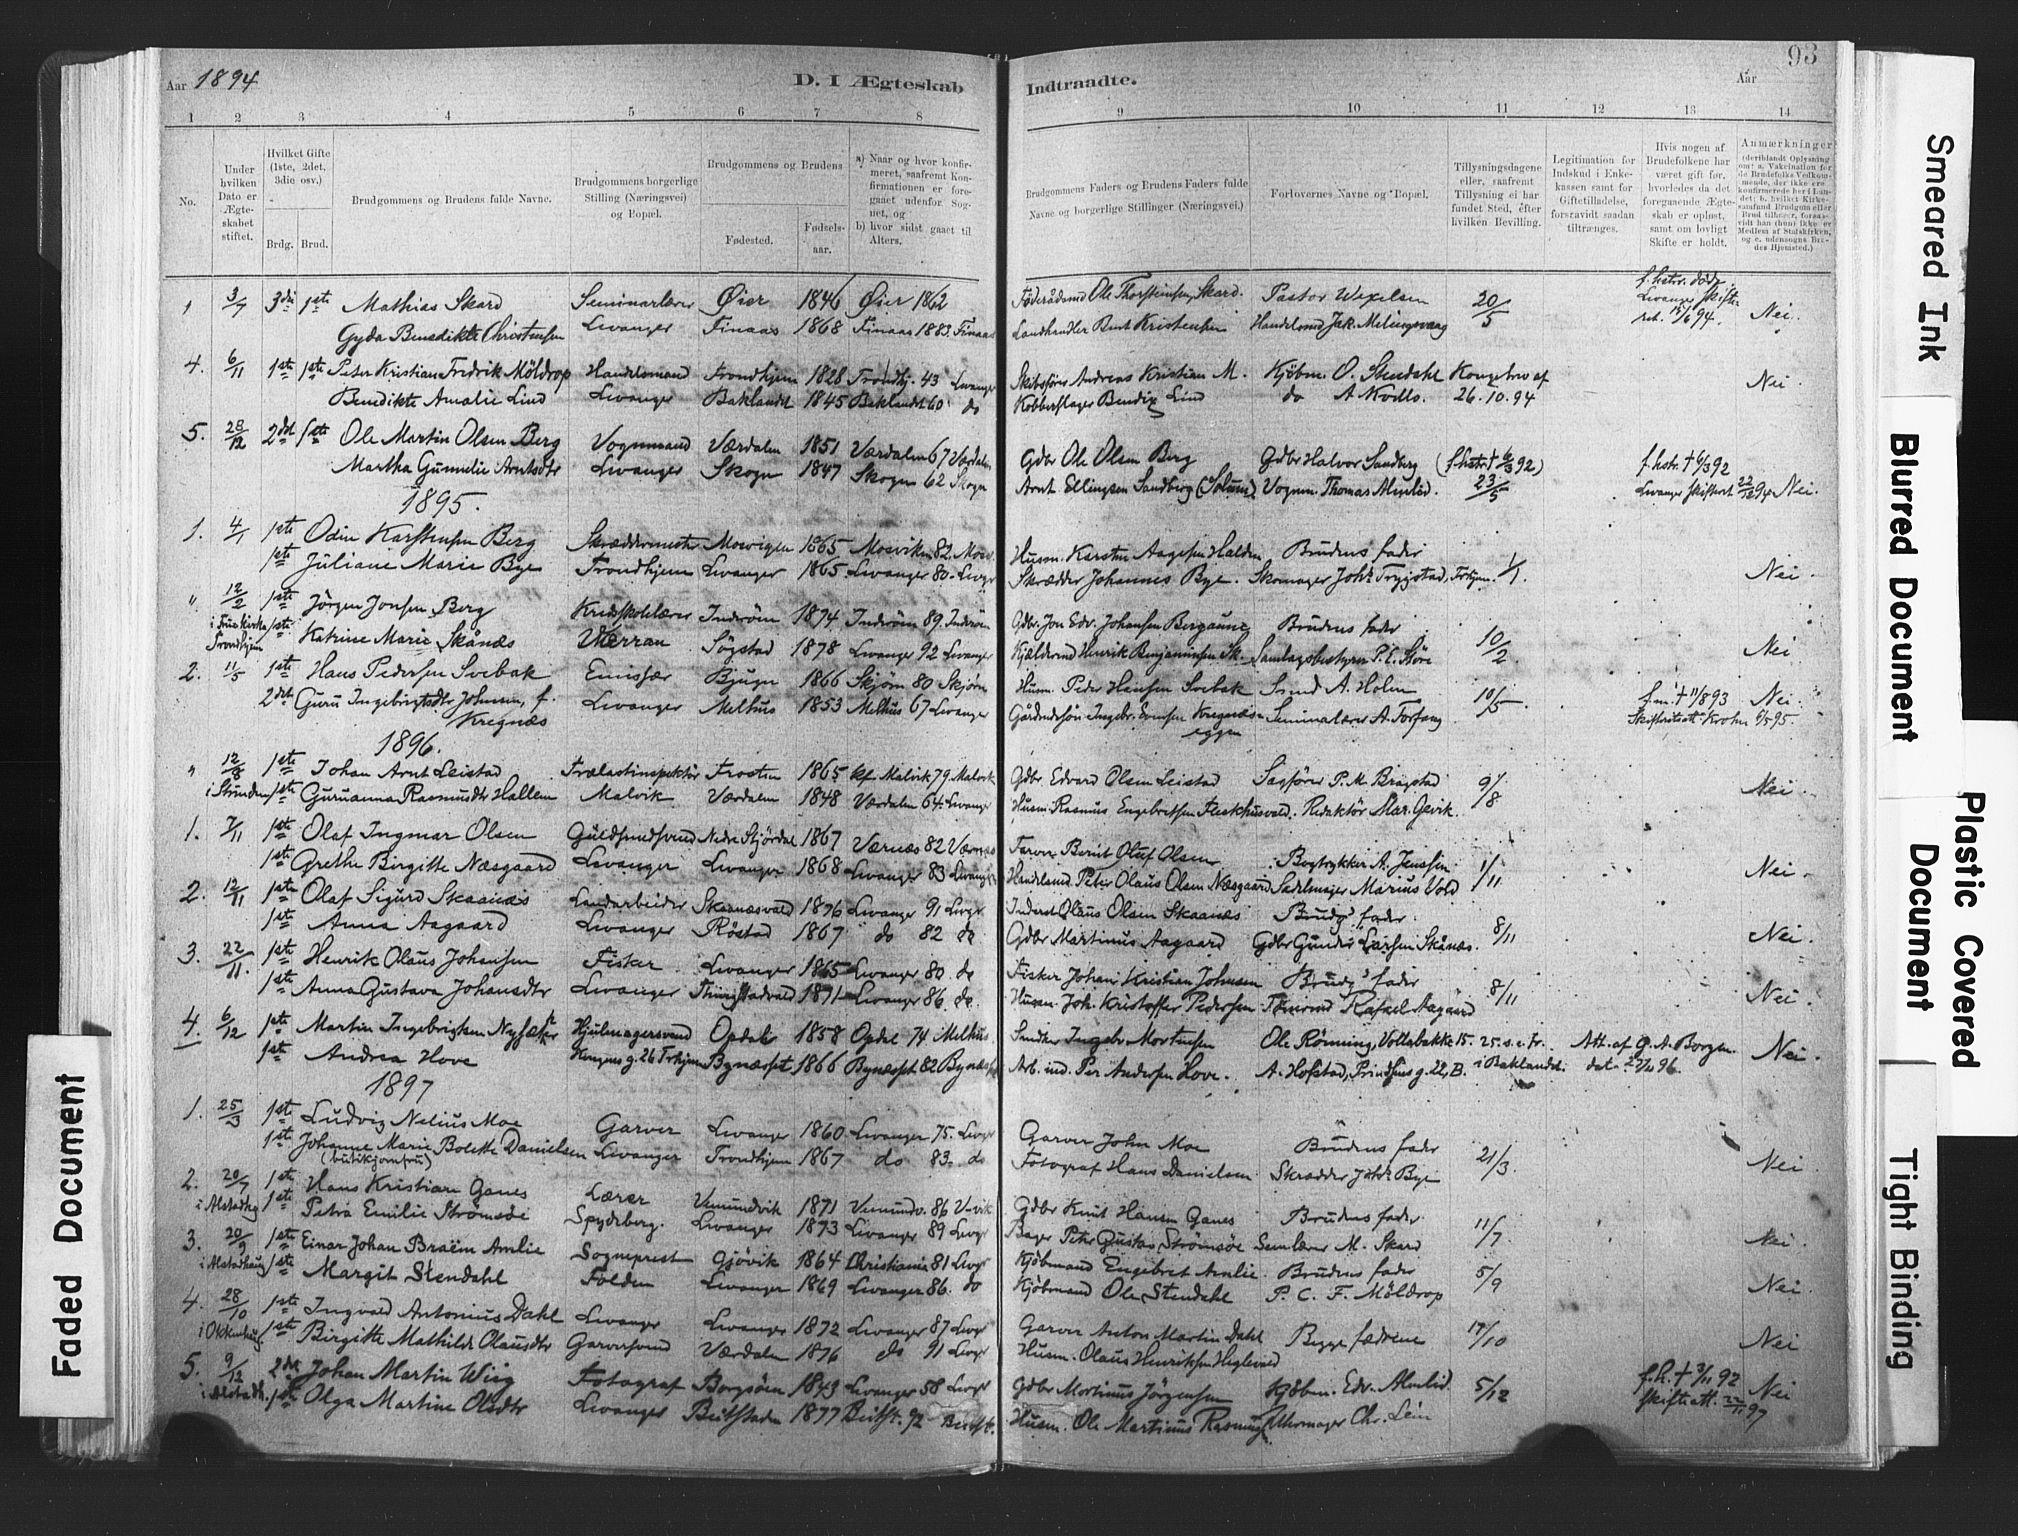 SAT, Ministerialprotokoller, klokkerbøker og fødselsregistre - Nord-Trøndelag, 720/L0189: Ministerialbok nr. 720A05, 1880-1911, s. 93